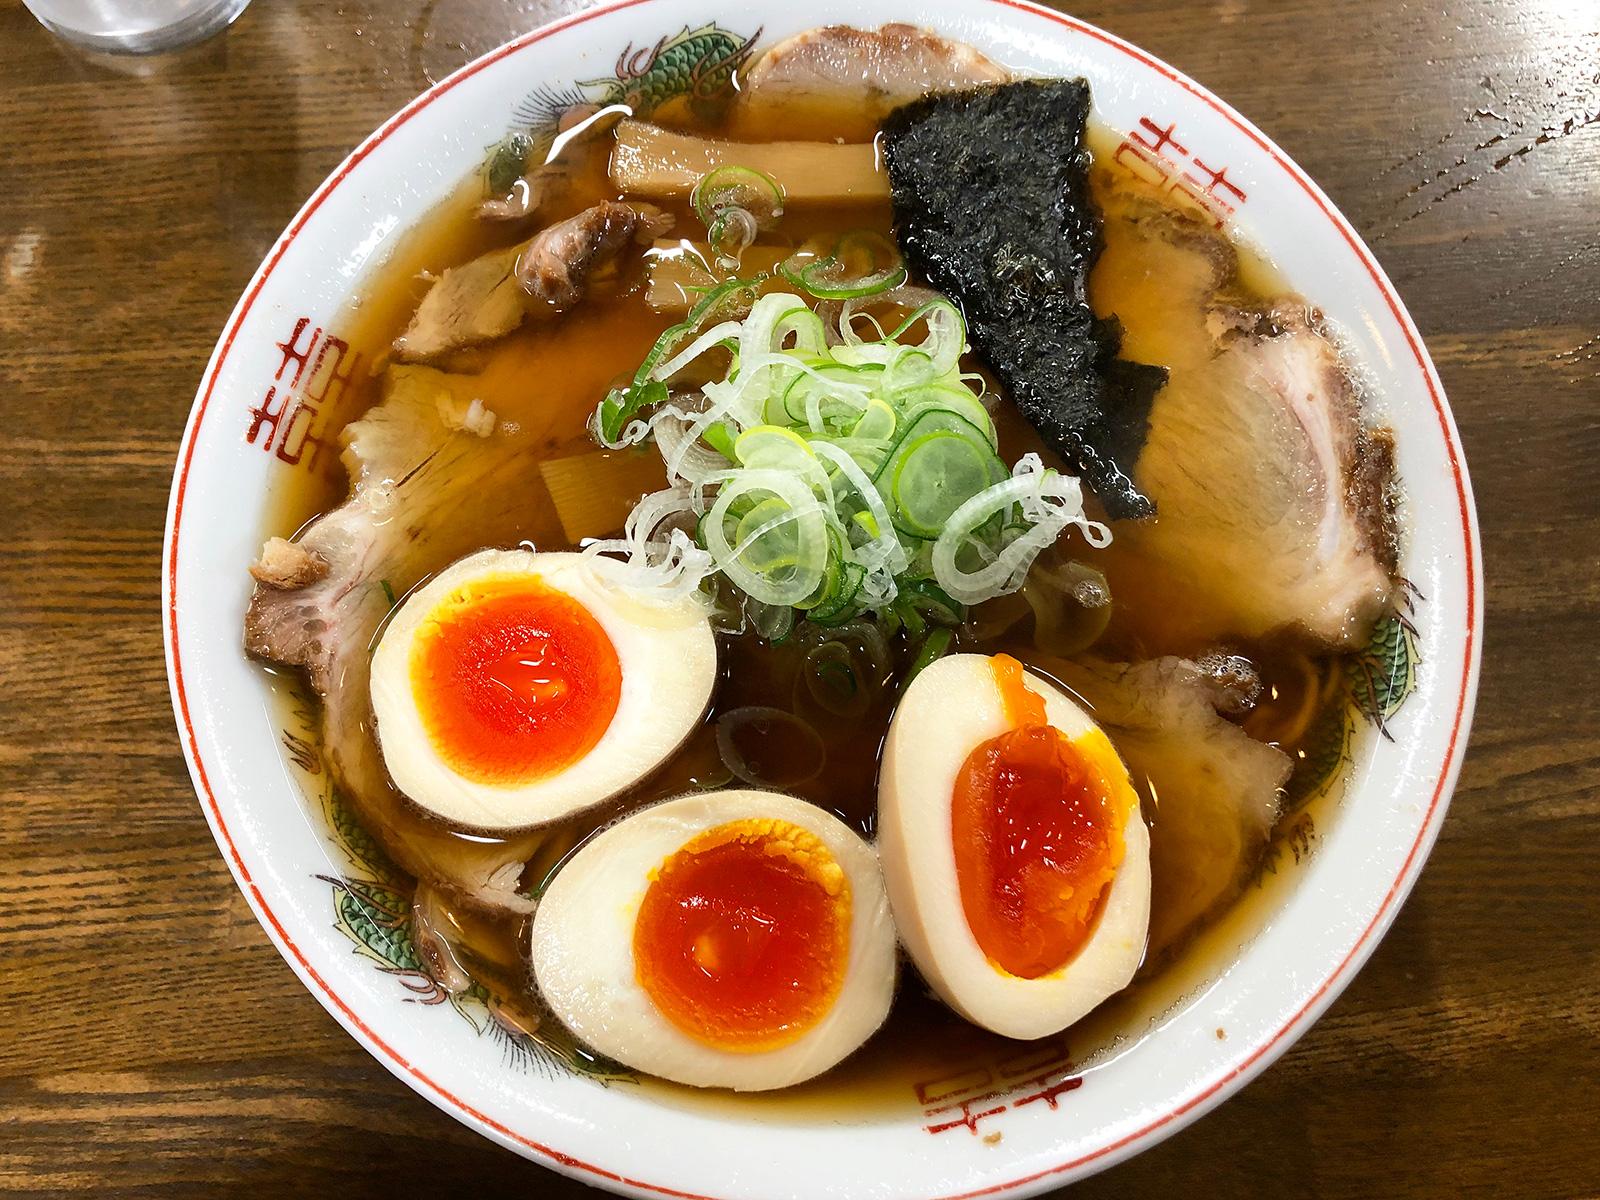 「ラーメン鬼太郎」の醤油ラーメンとチャーシュー煮卵トッピング @稲沢市